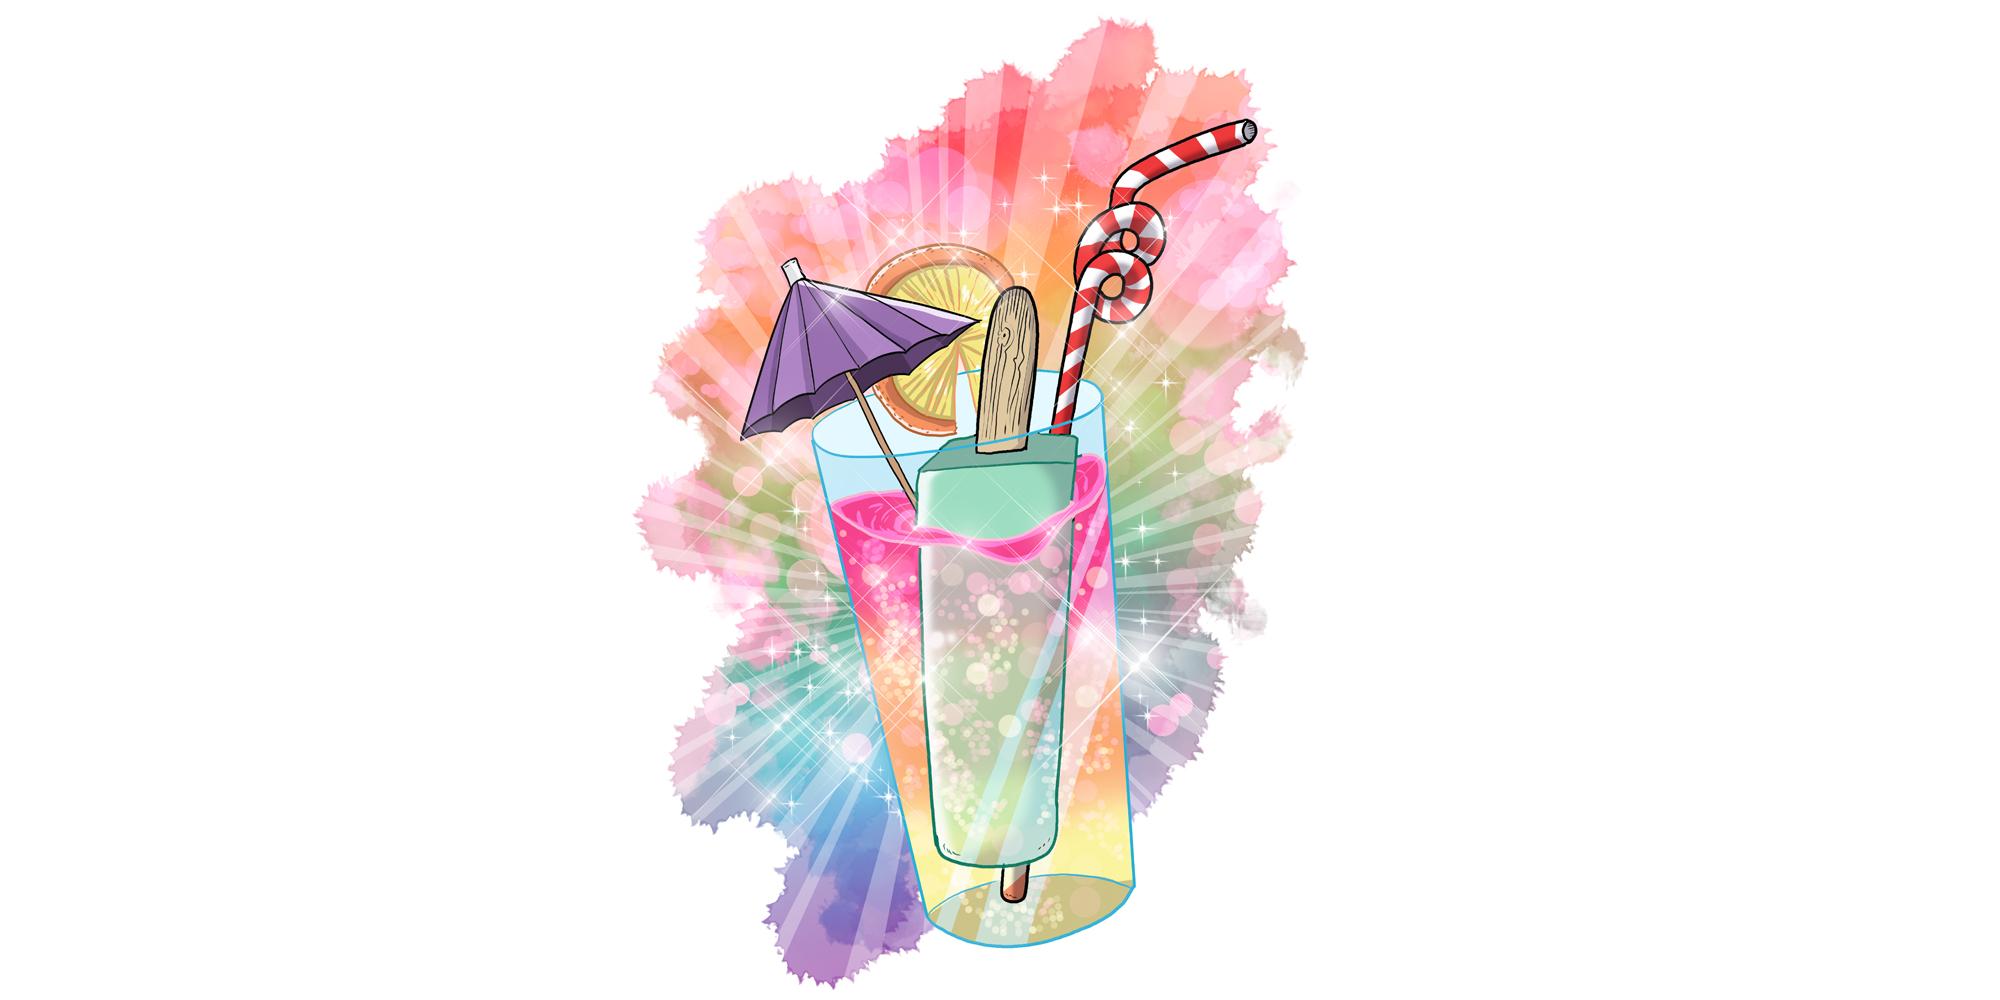 Skapa sommarens mest svalkande drink.